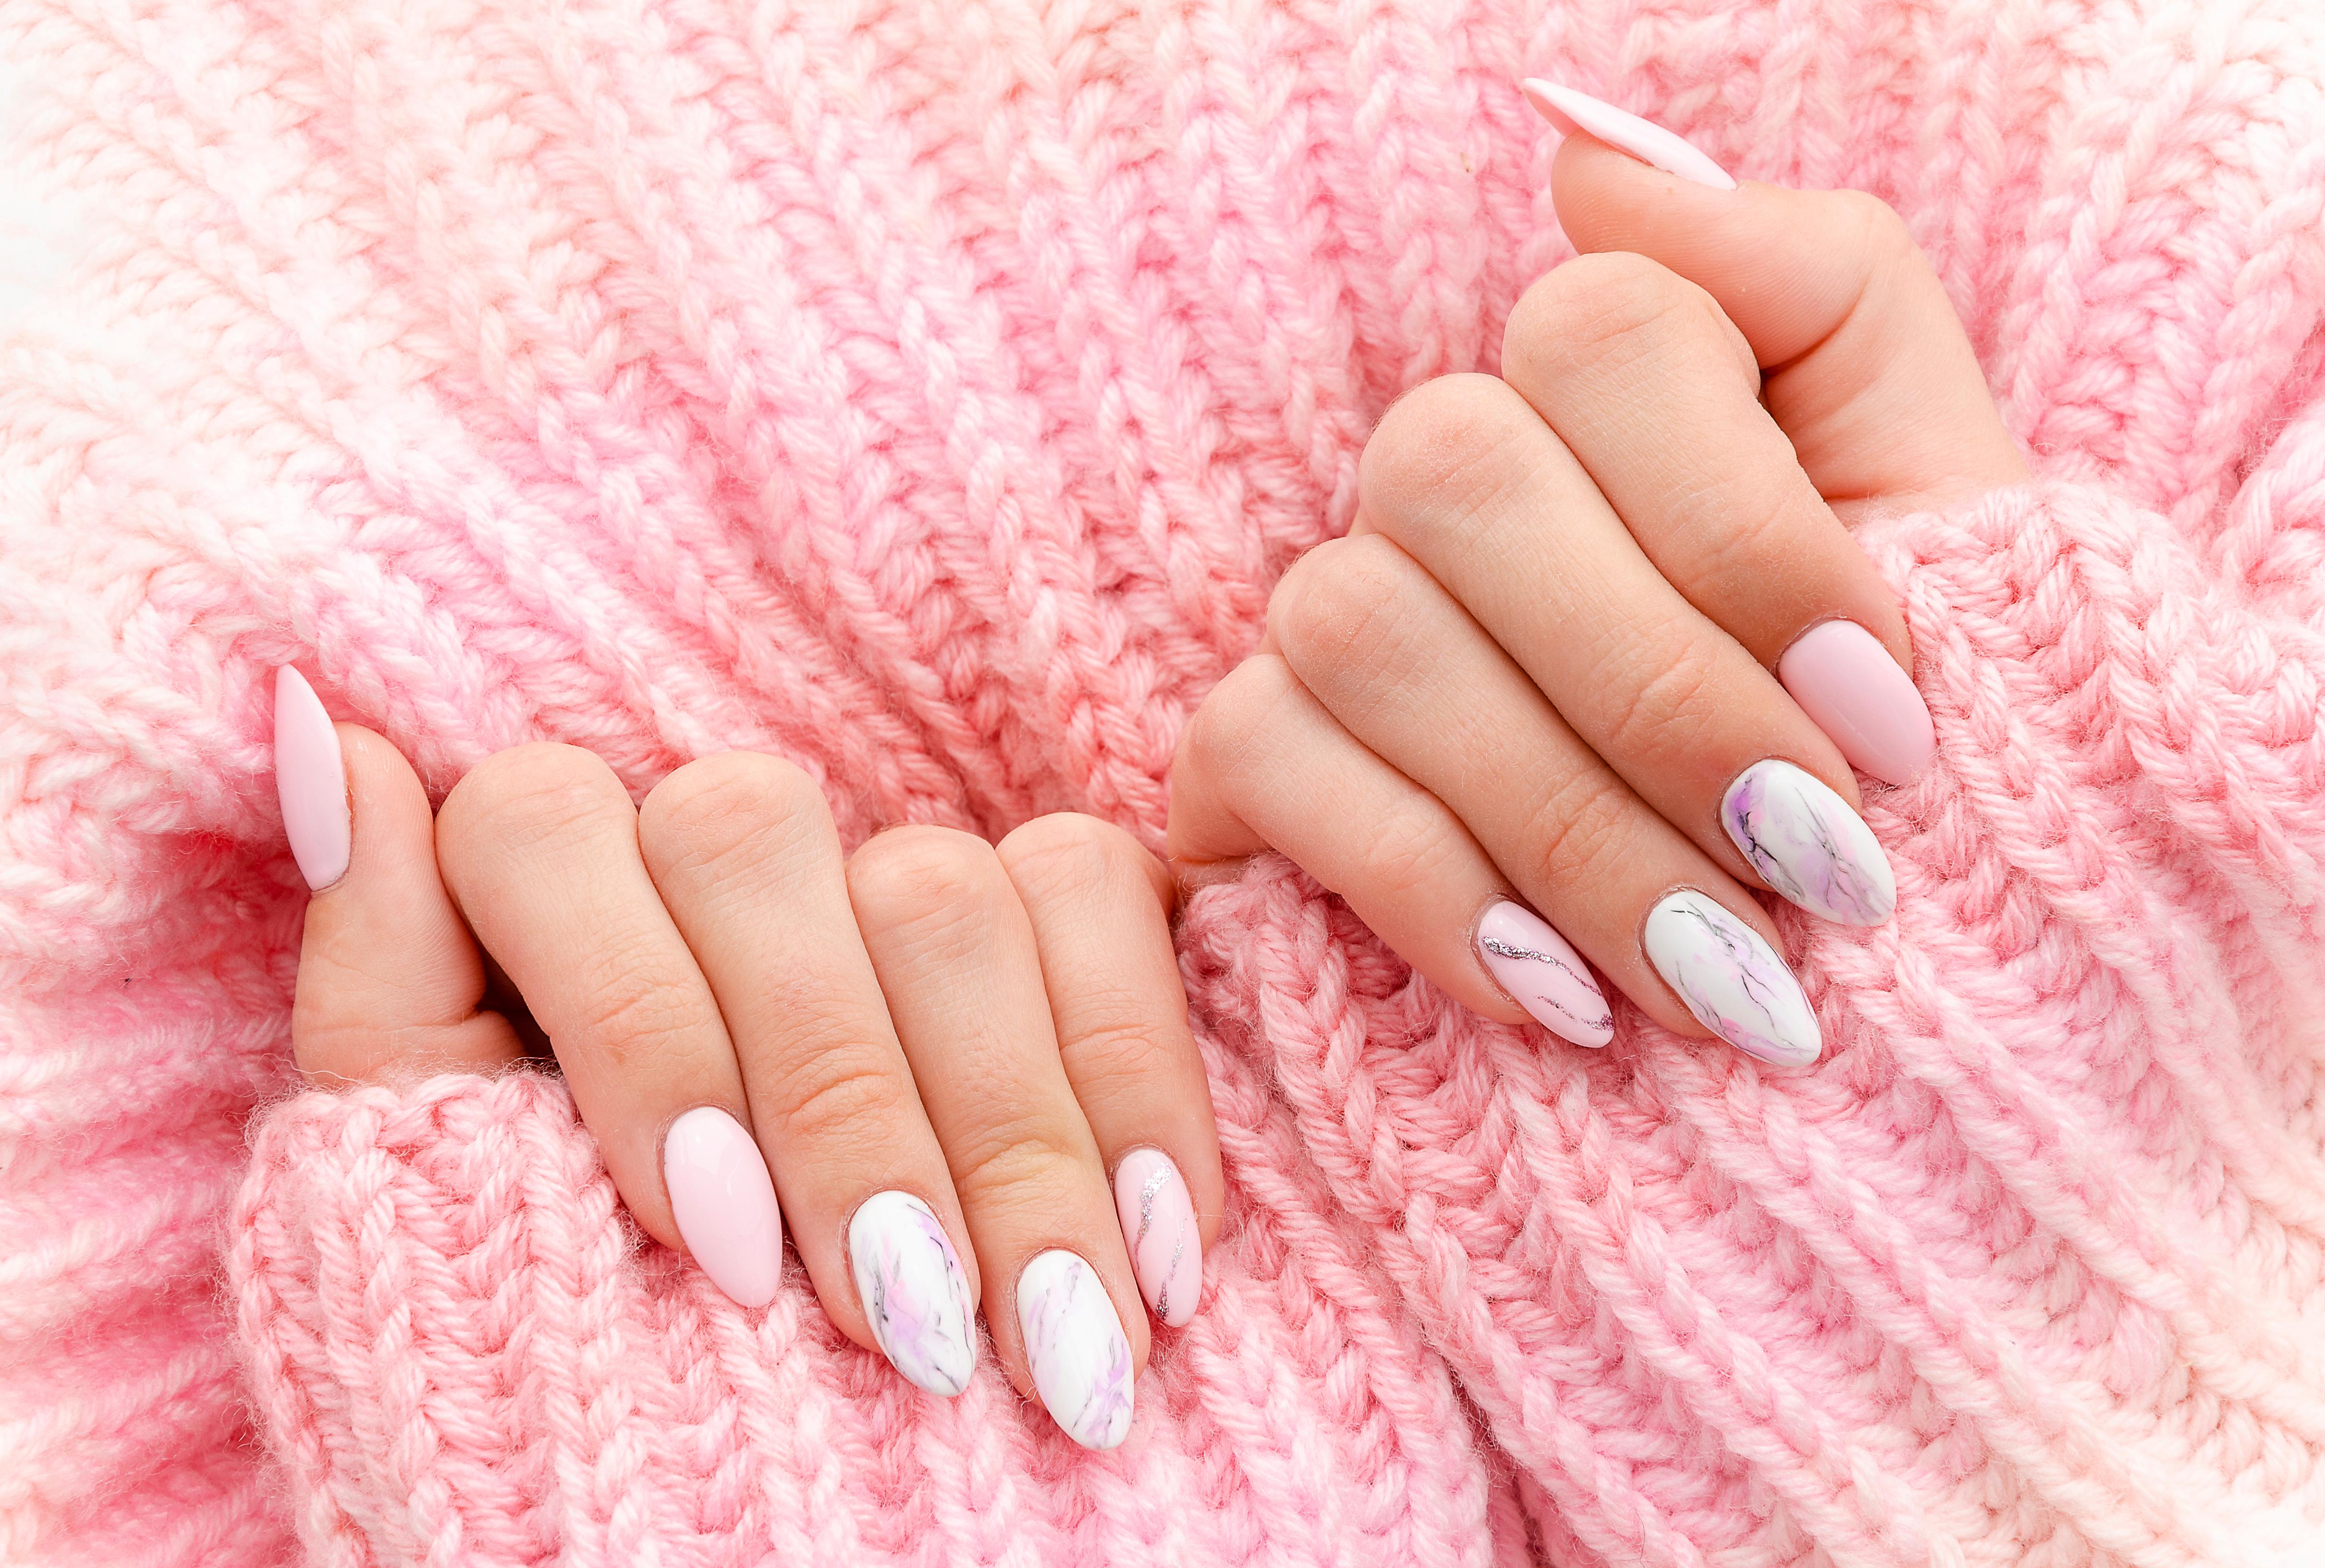 Manicure Hybrydowy Krok Po Kroku Jak Zrobic Paznokcie Hybrydowe